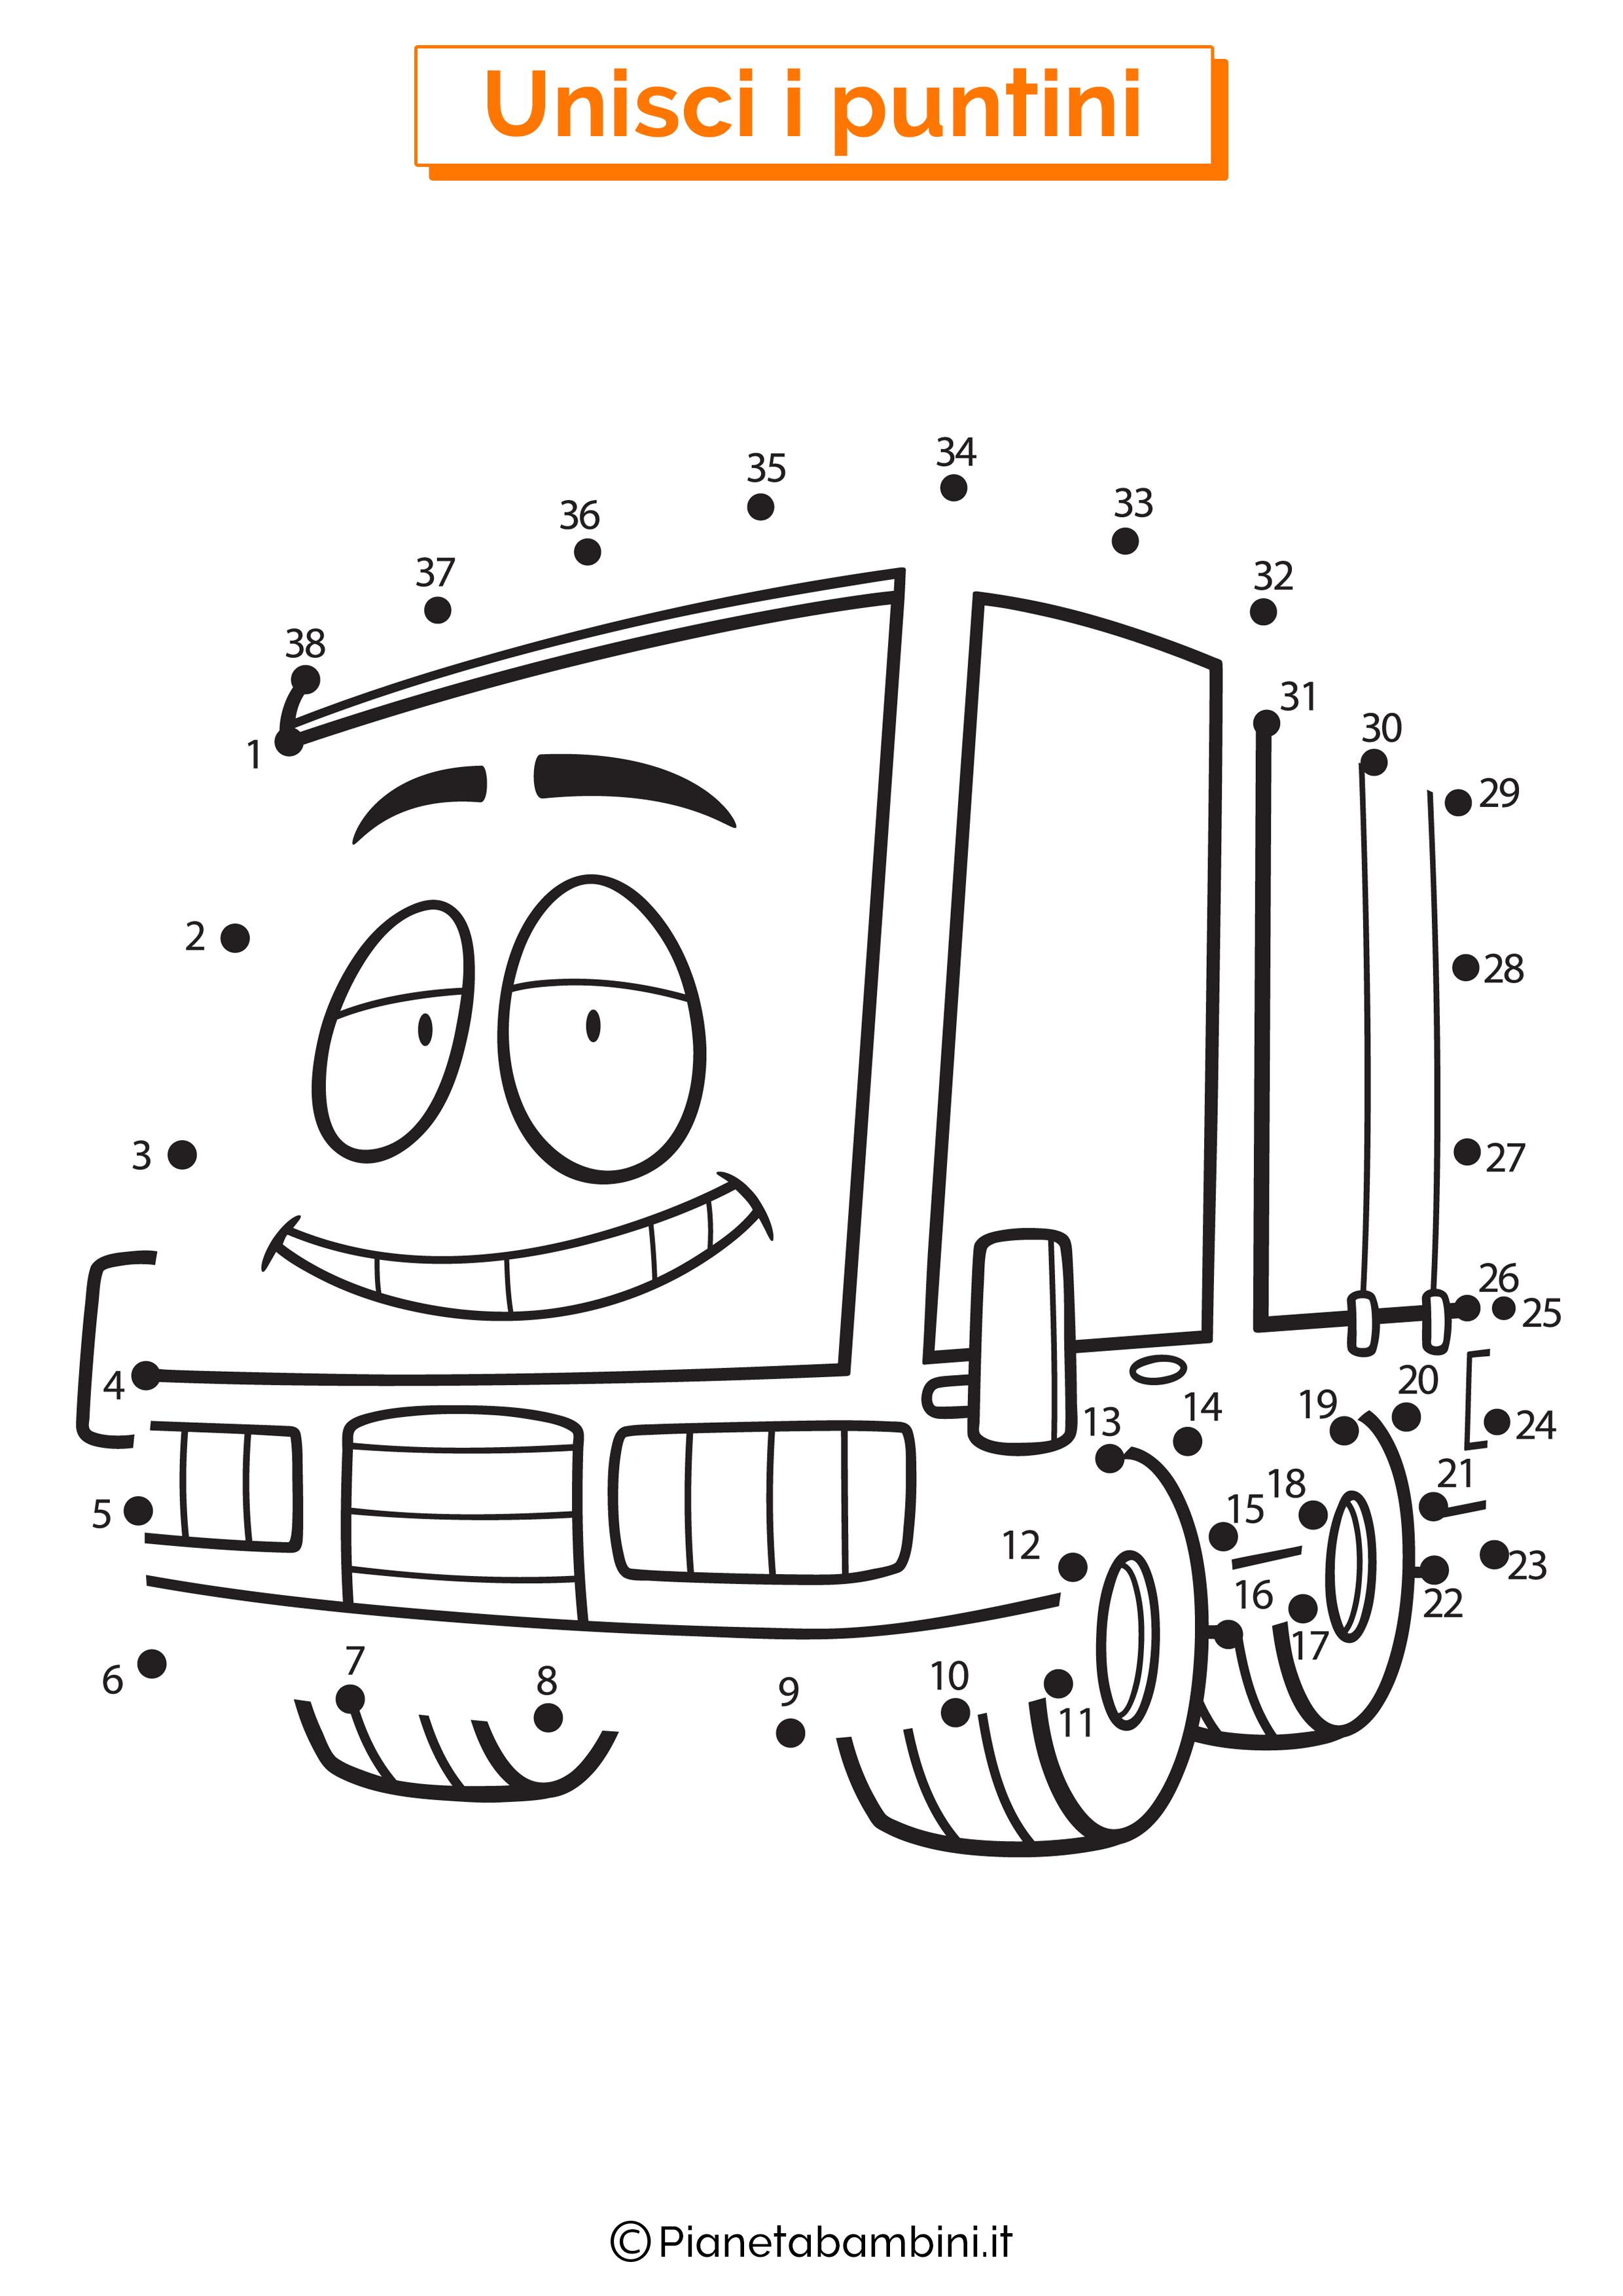 Disegno unisci i puntini 1-40 camion